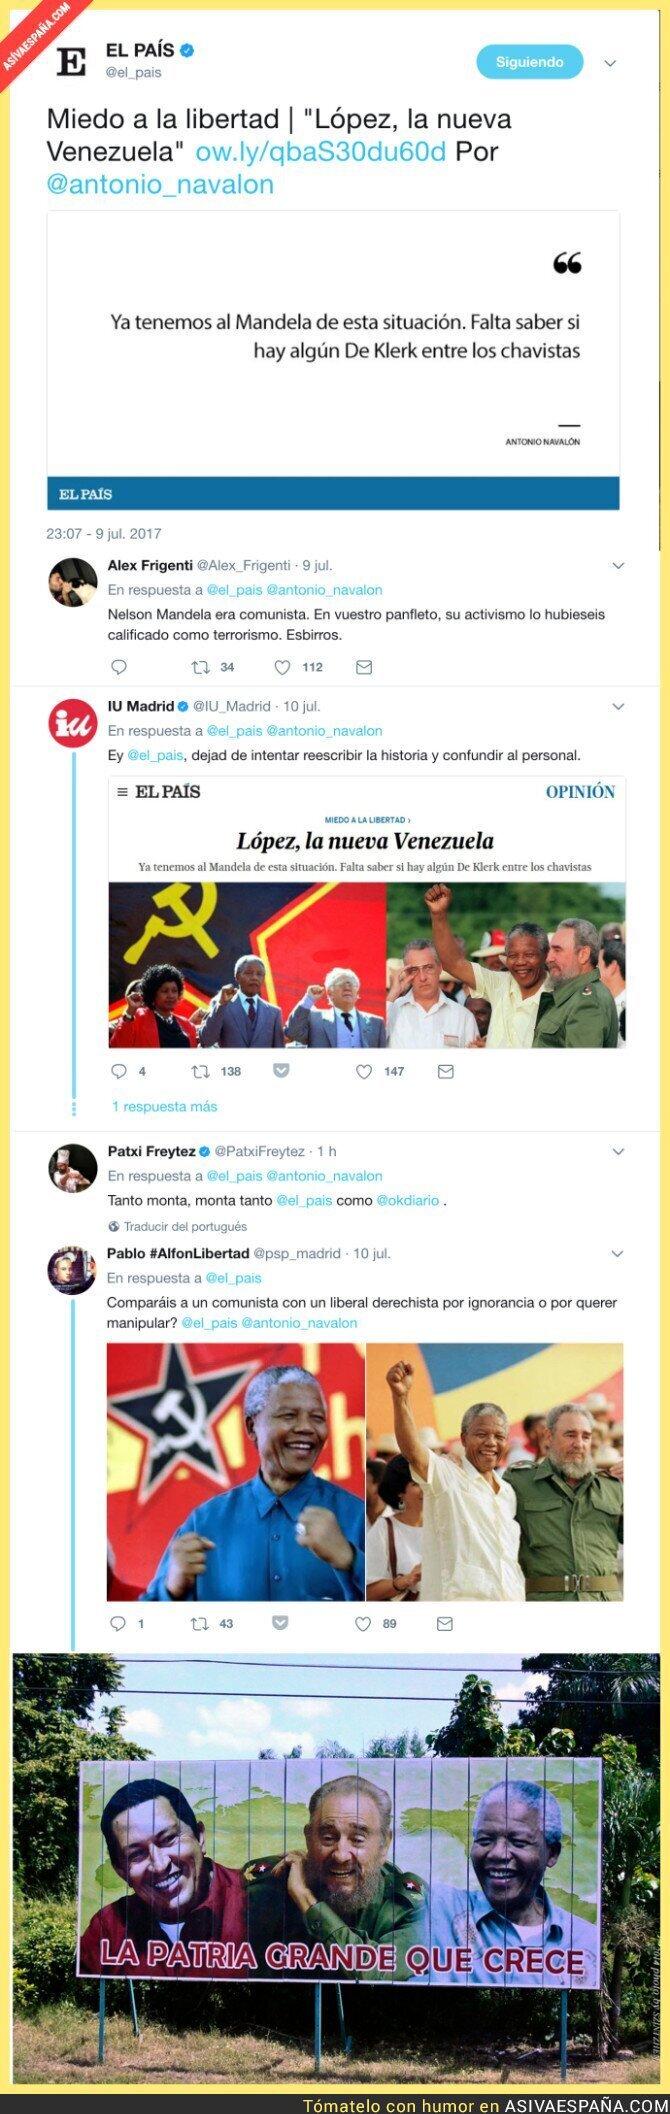 71411 - 'El País' intenta borrar de la historia que Mandela fue comunista